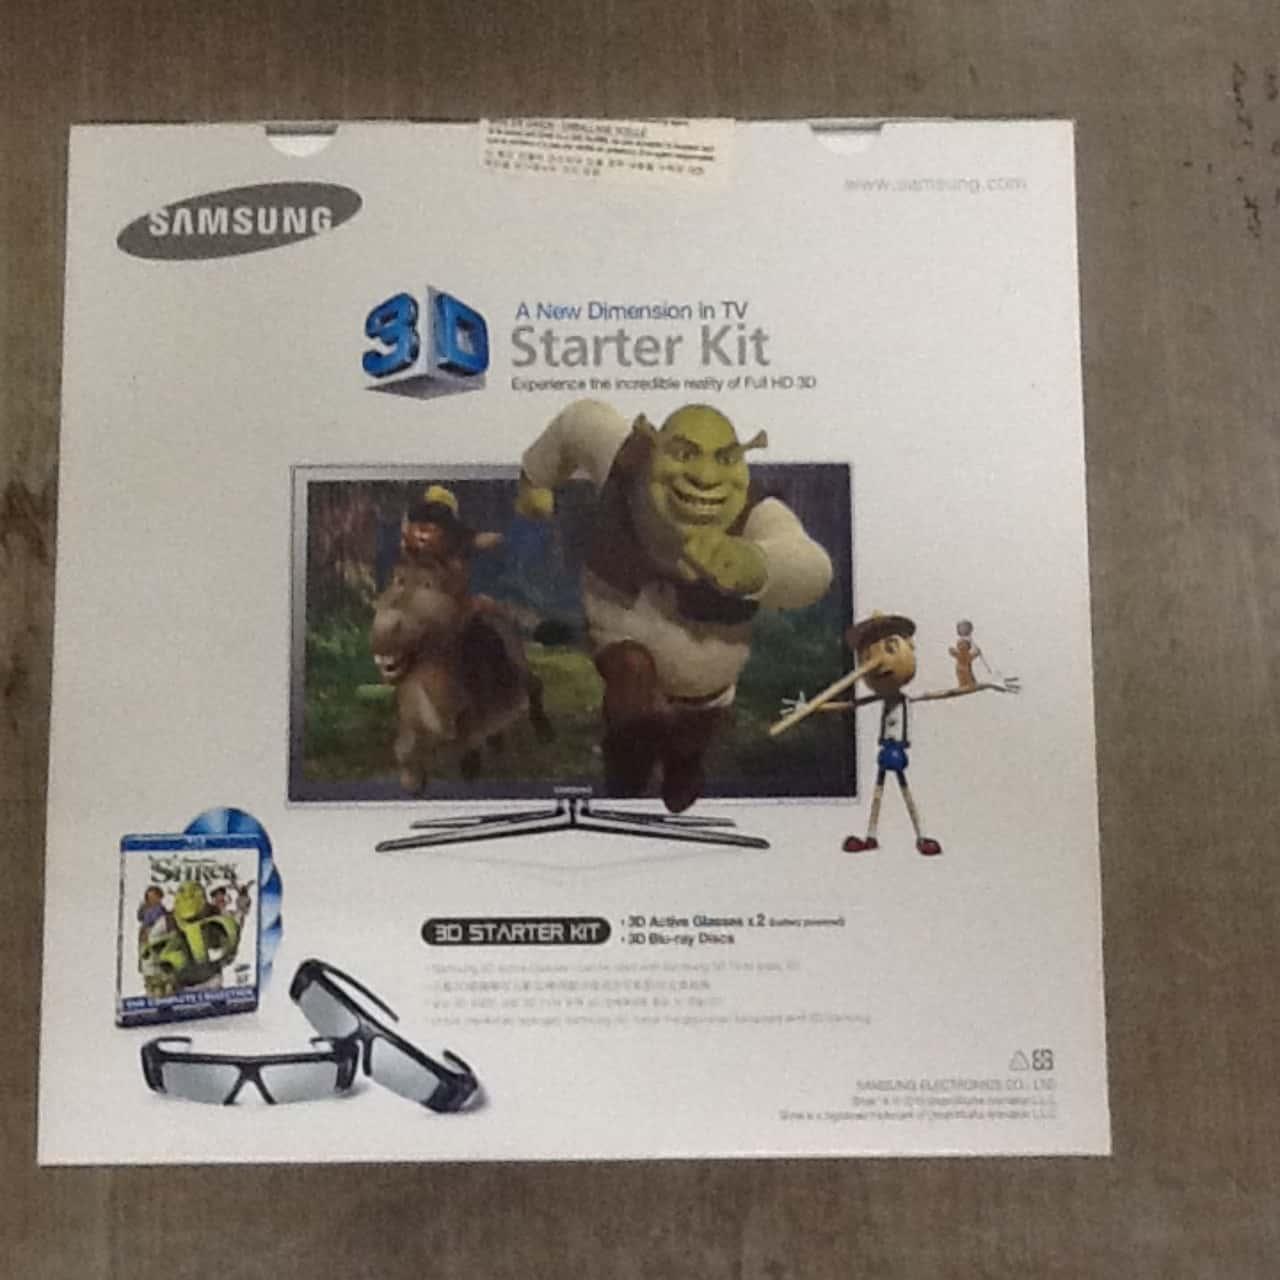 Samsung 3D Starter Kit